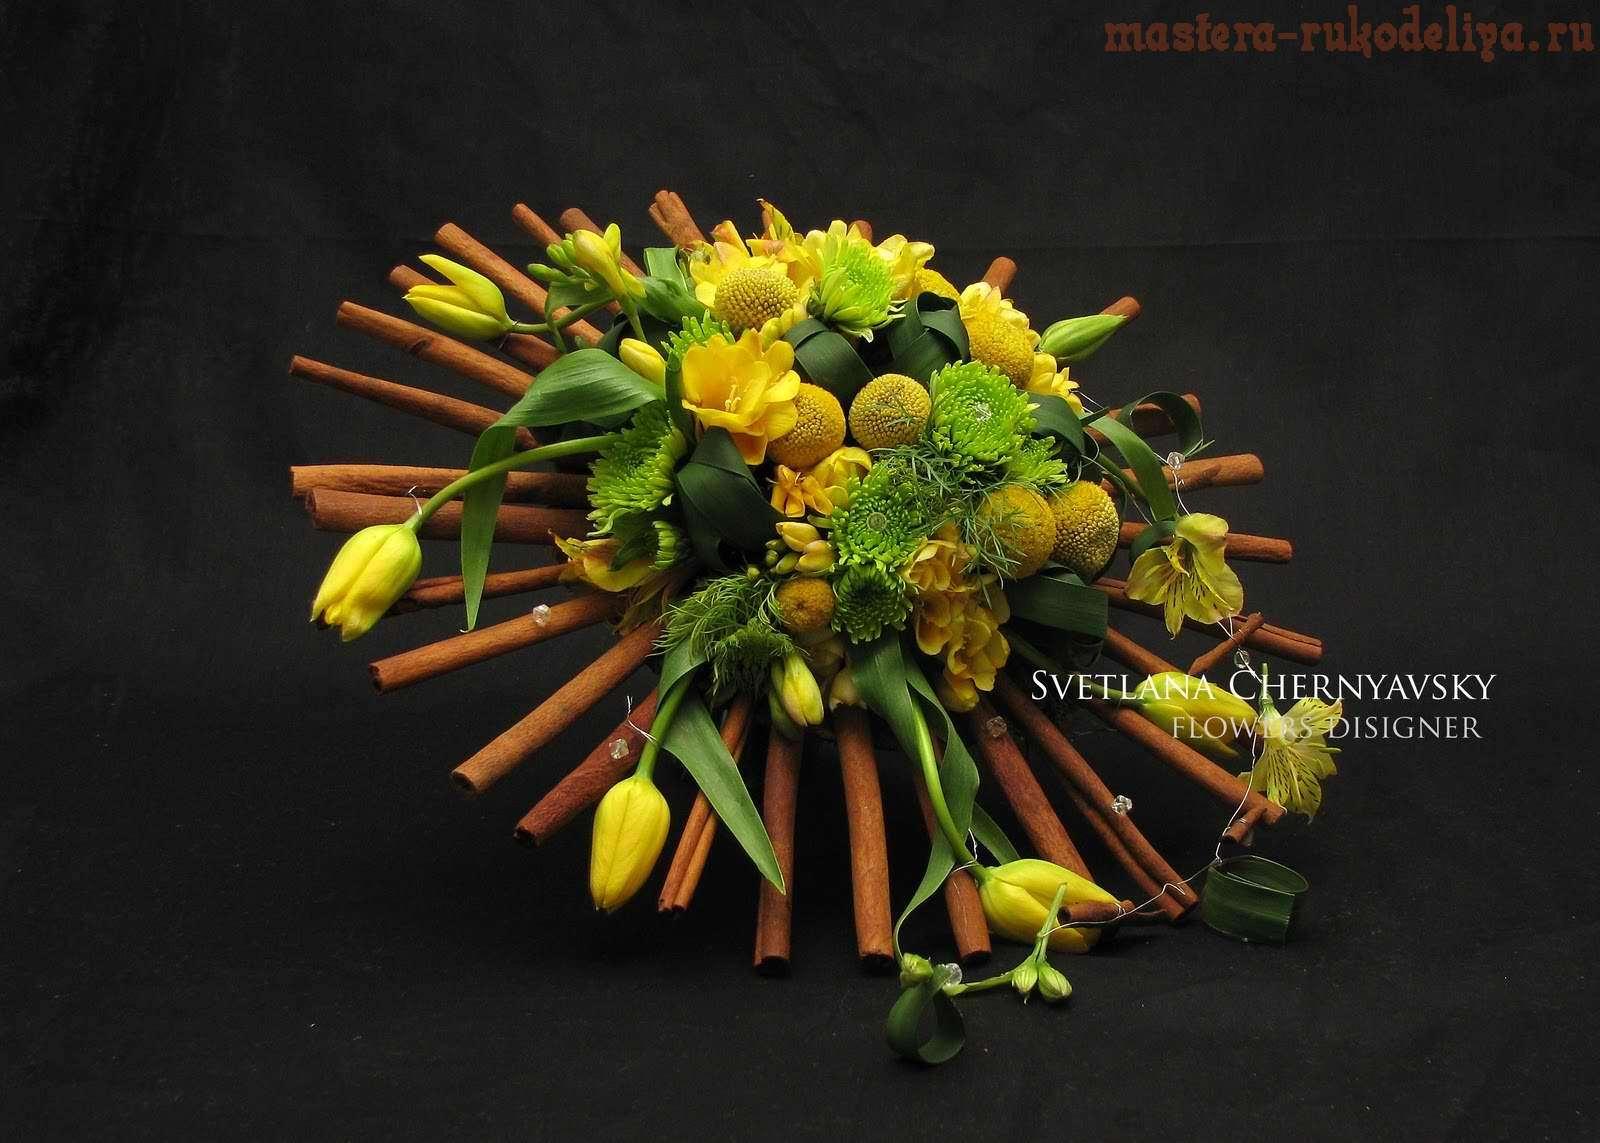 Фото мастер-класс по флористике: Букет на каркасе с корицей